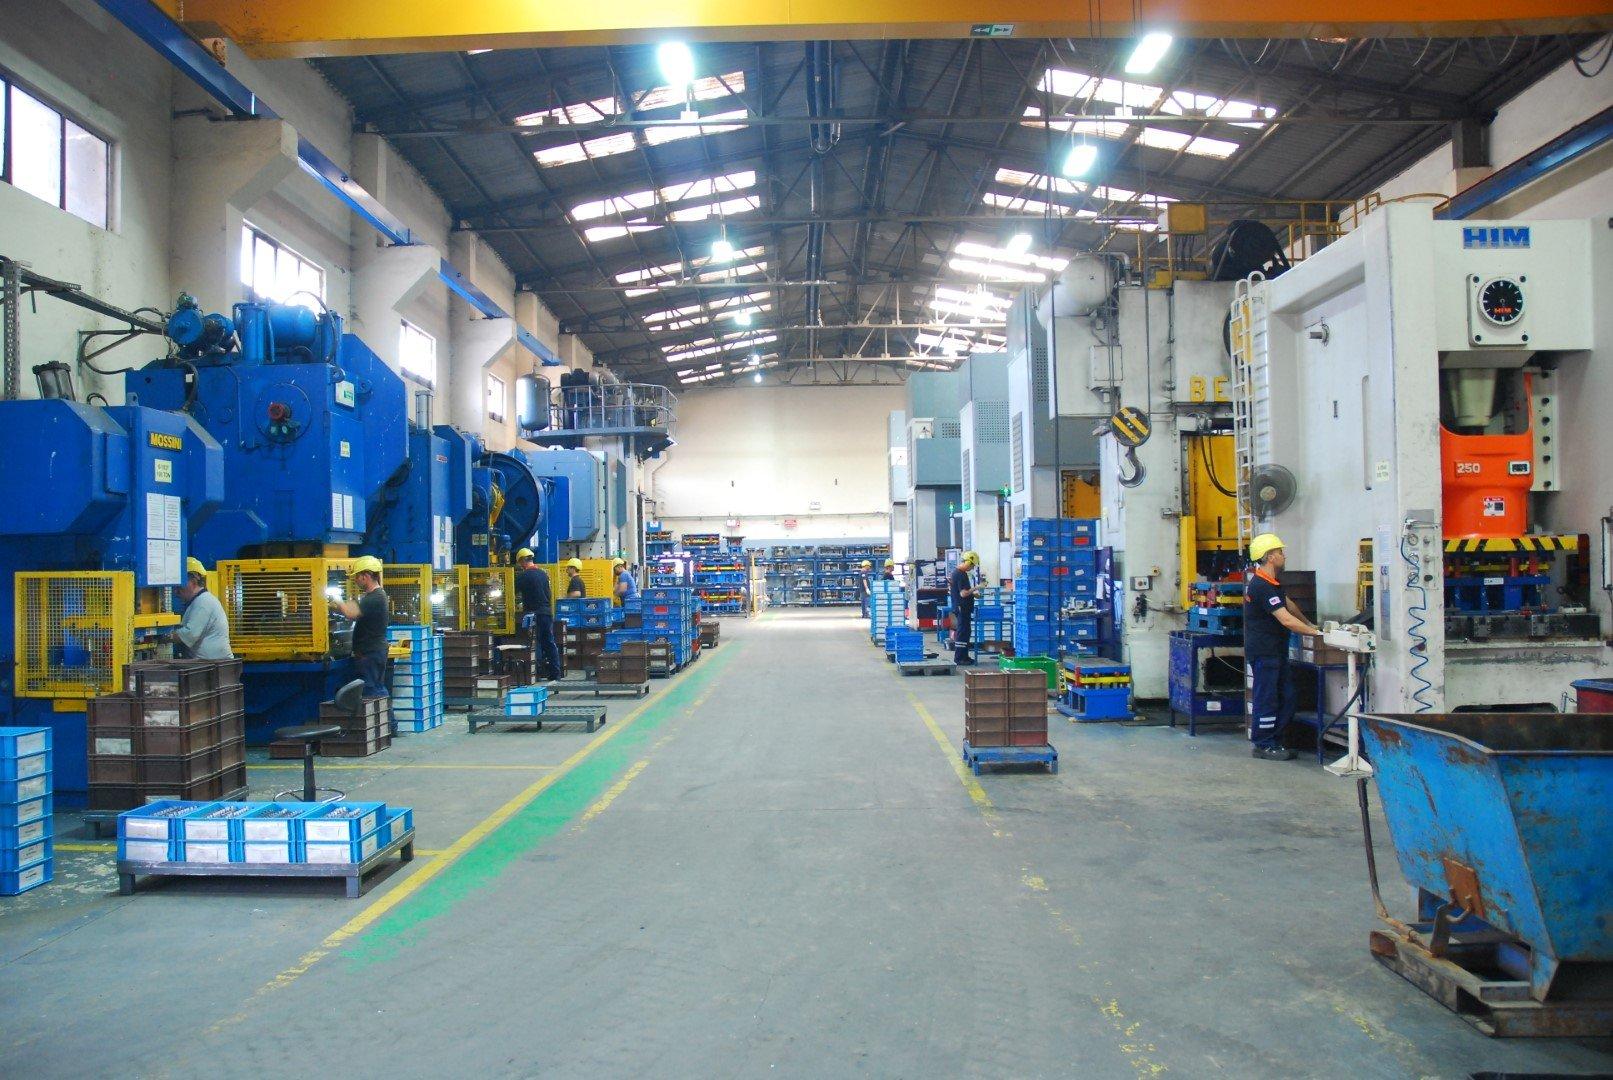 Vatan Pres Otomotiv Sanayi Ticaret A.Ş.